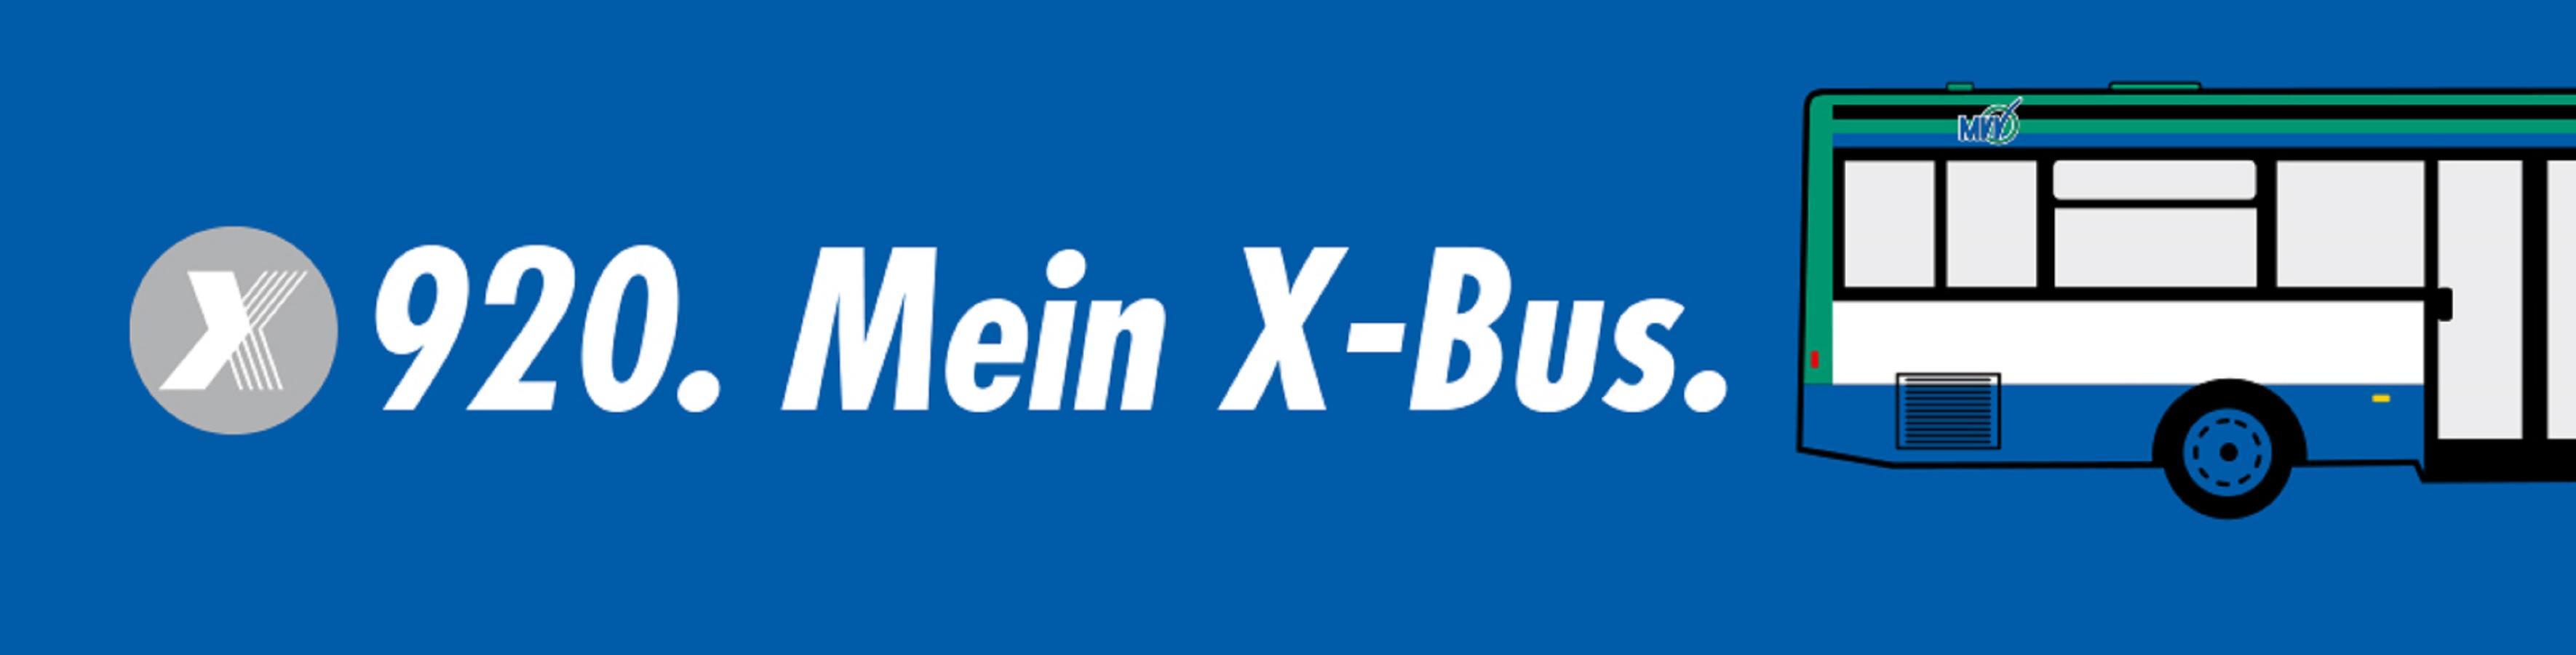 Buslinie X920